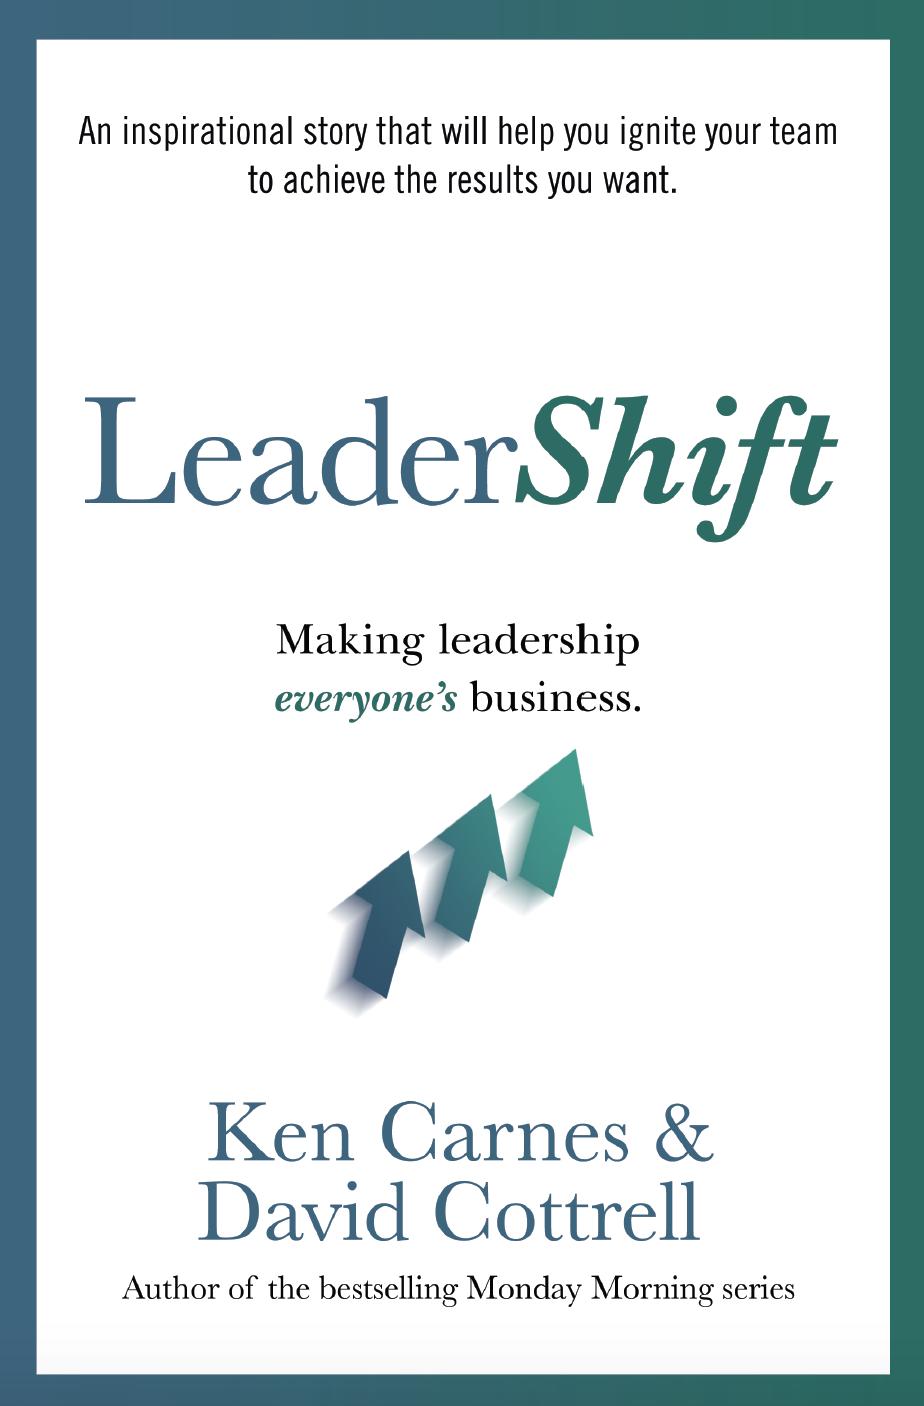 LeaderShift_Cover4j.jpg